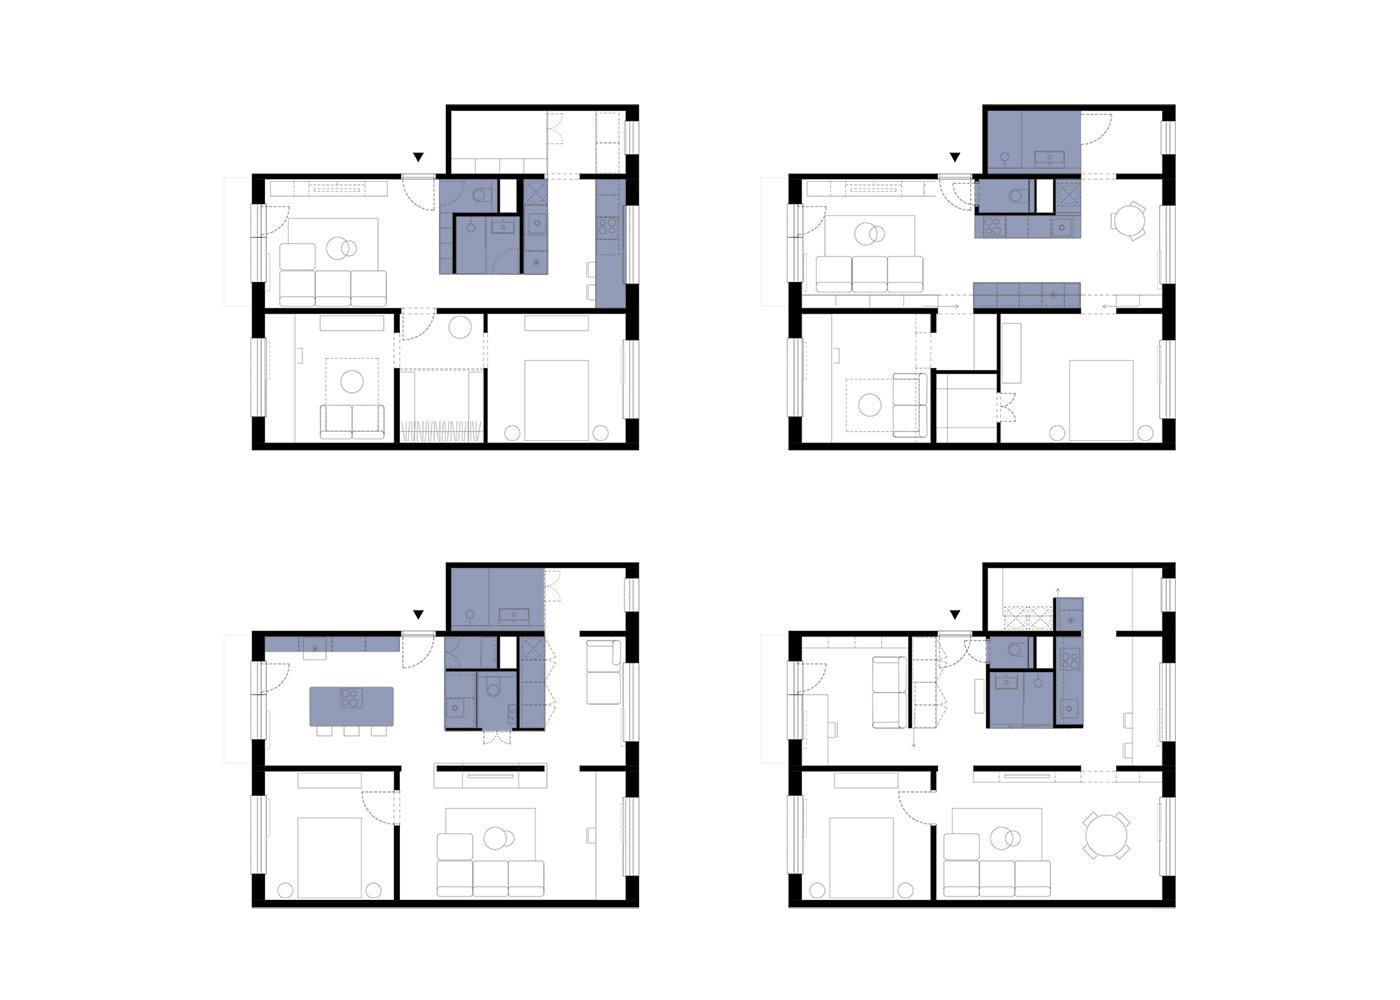 noiz-architekti-bratislava-byt-galanta-04